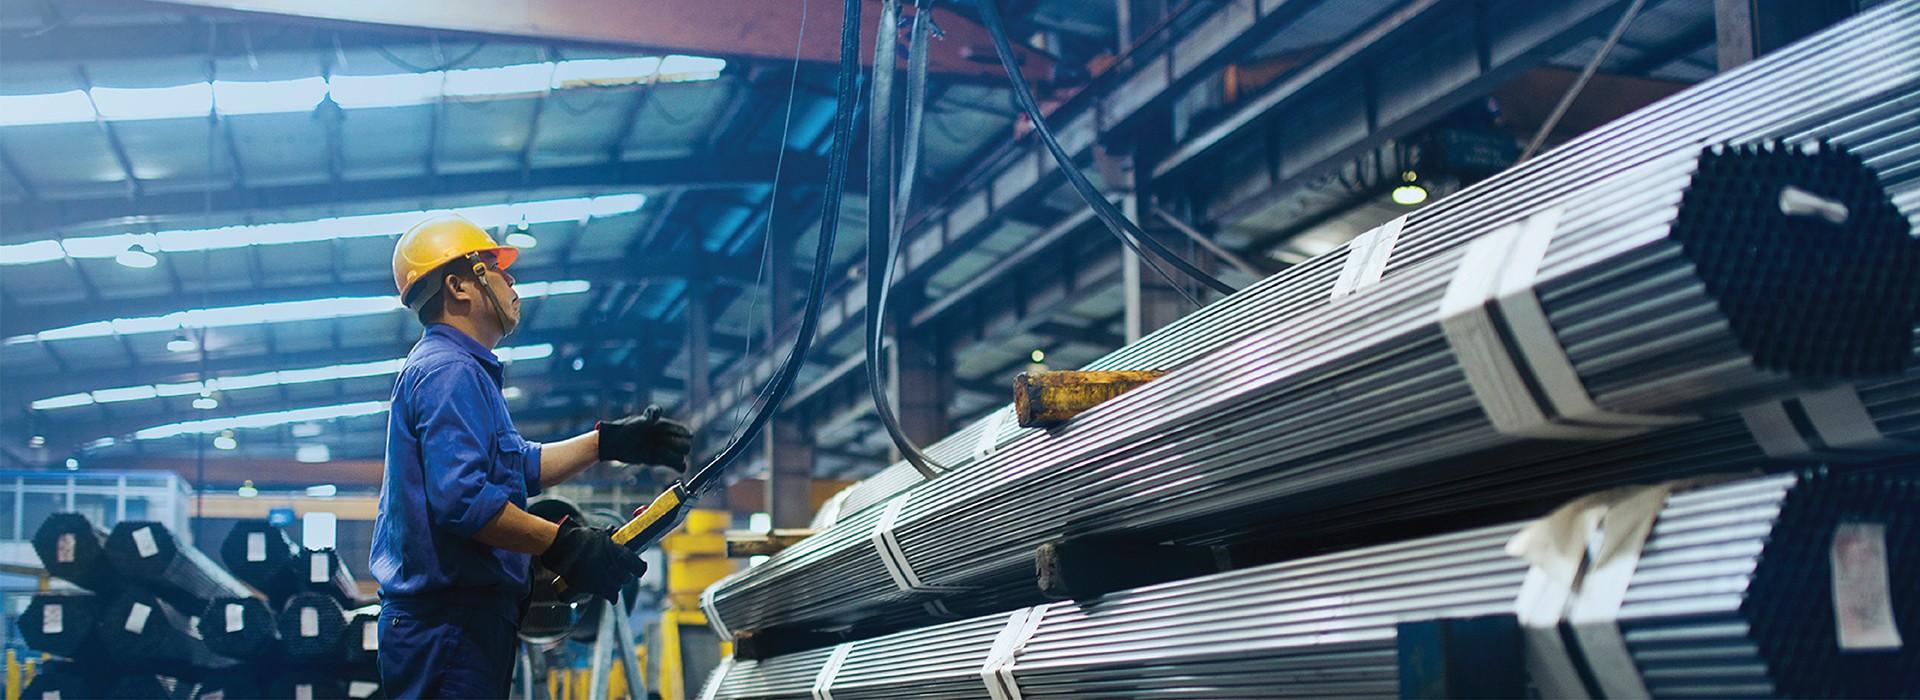 Hòa Phát tiêu thụ 63.000 tấn ống thép, giảm 28% so với tháng trước - Ảnh 1.